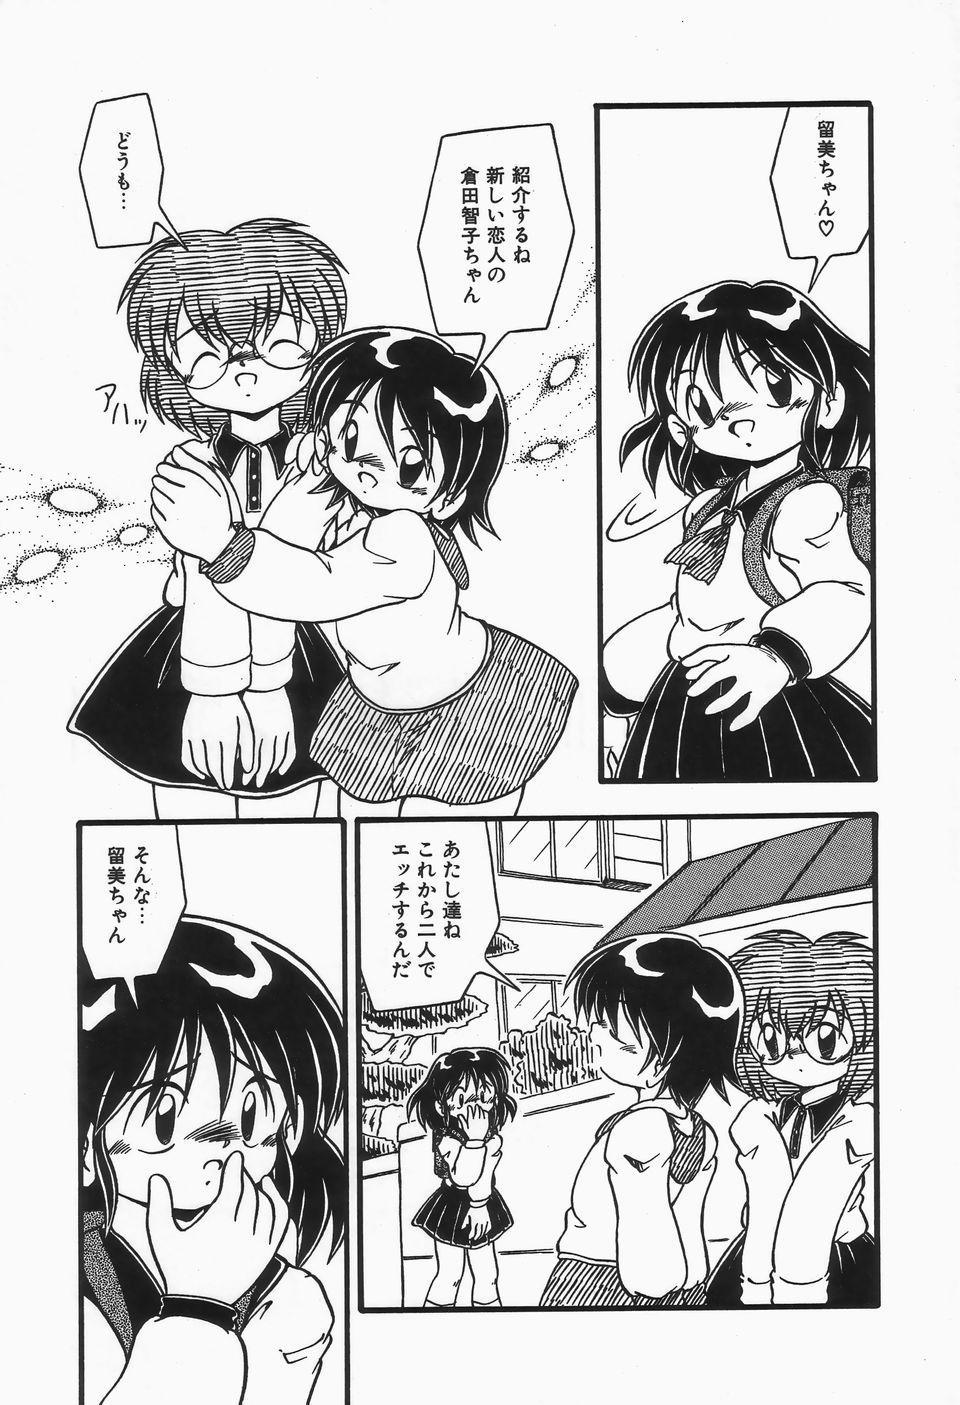 Mizu no Iro Kaze no Iro 16